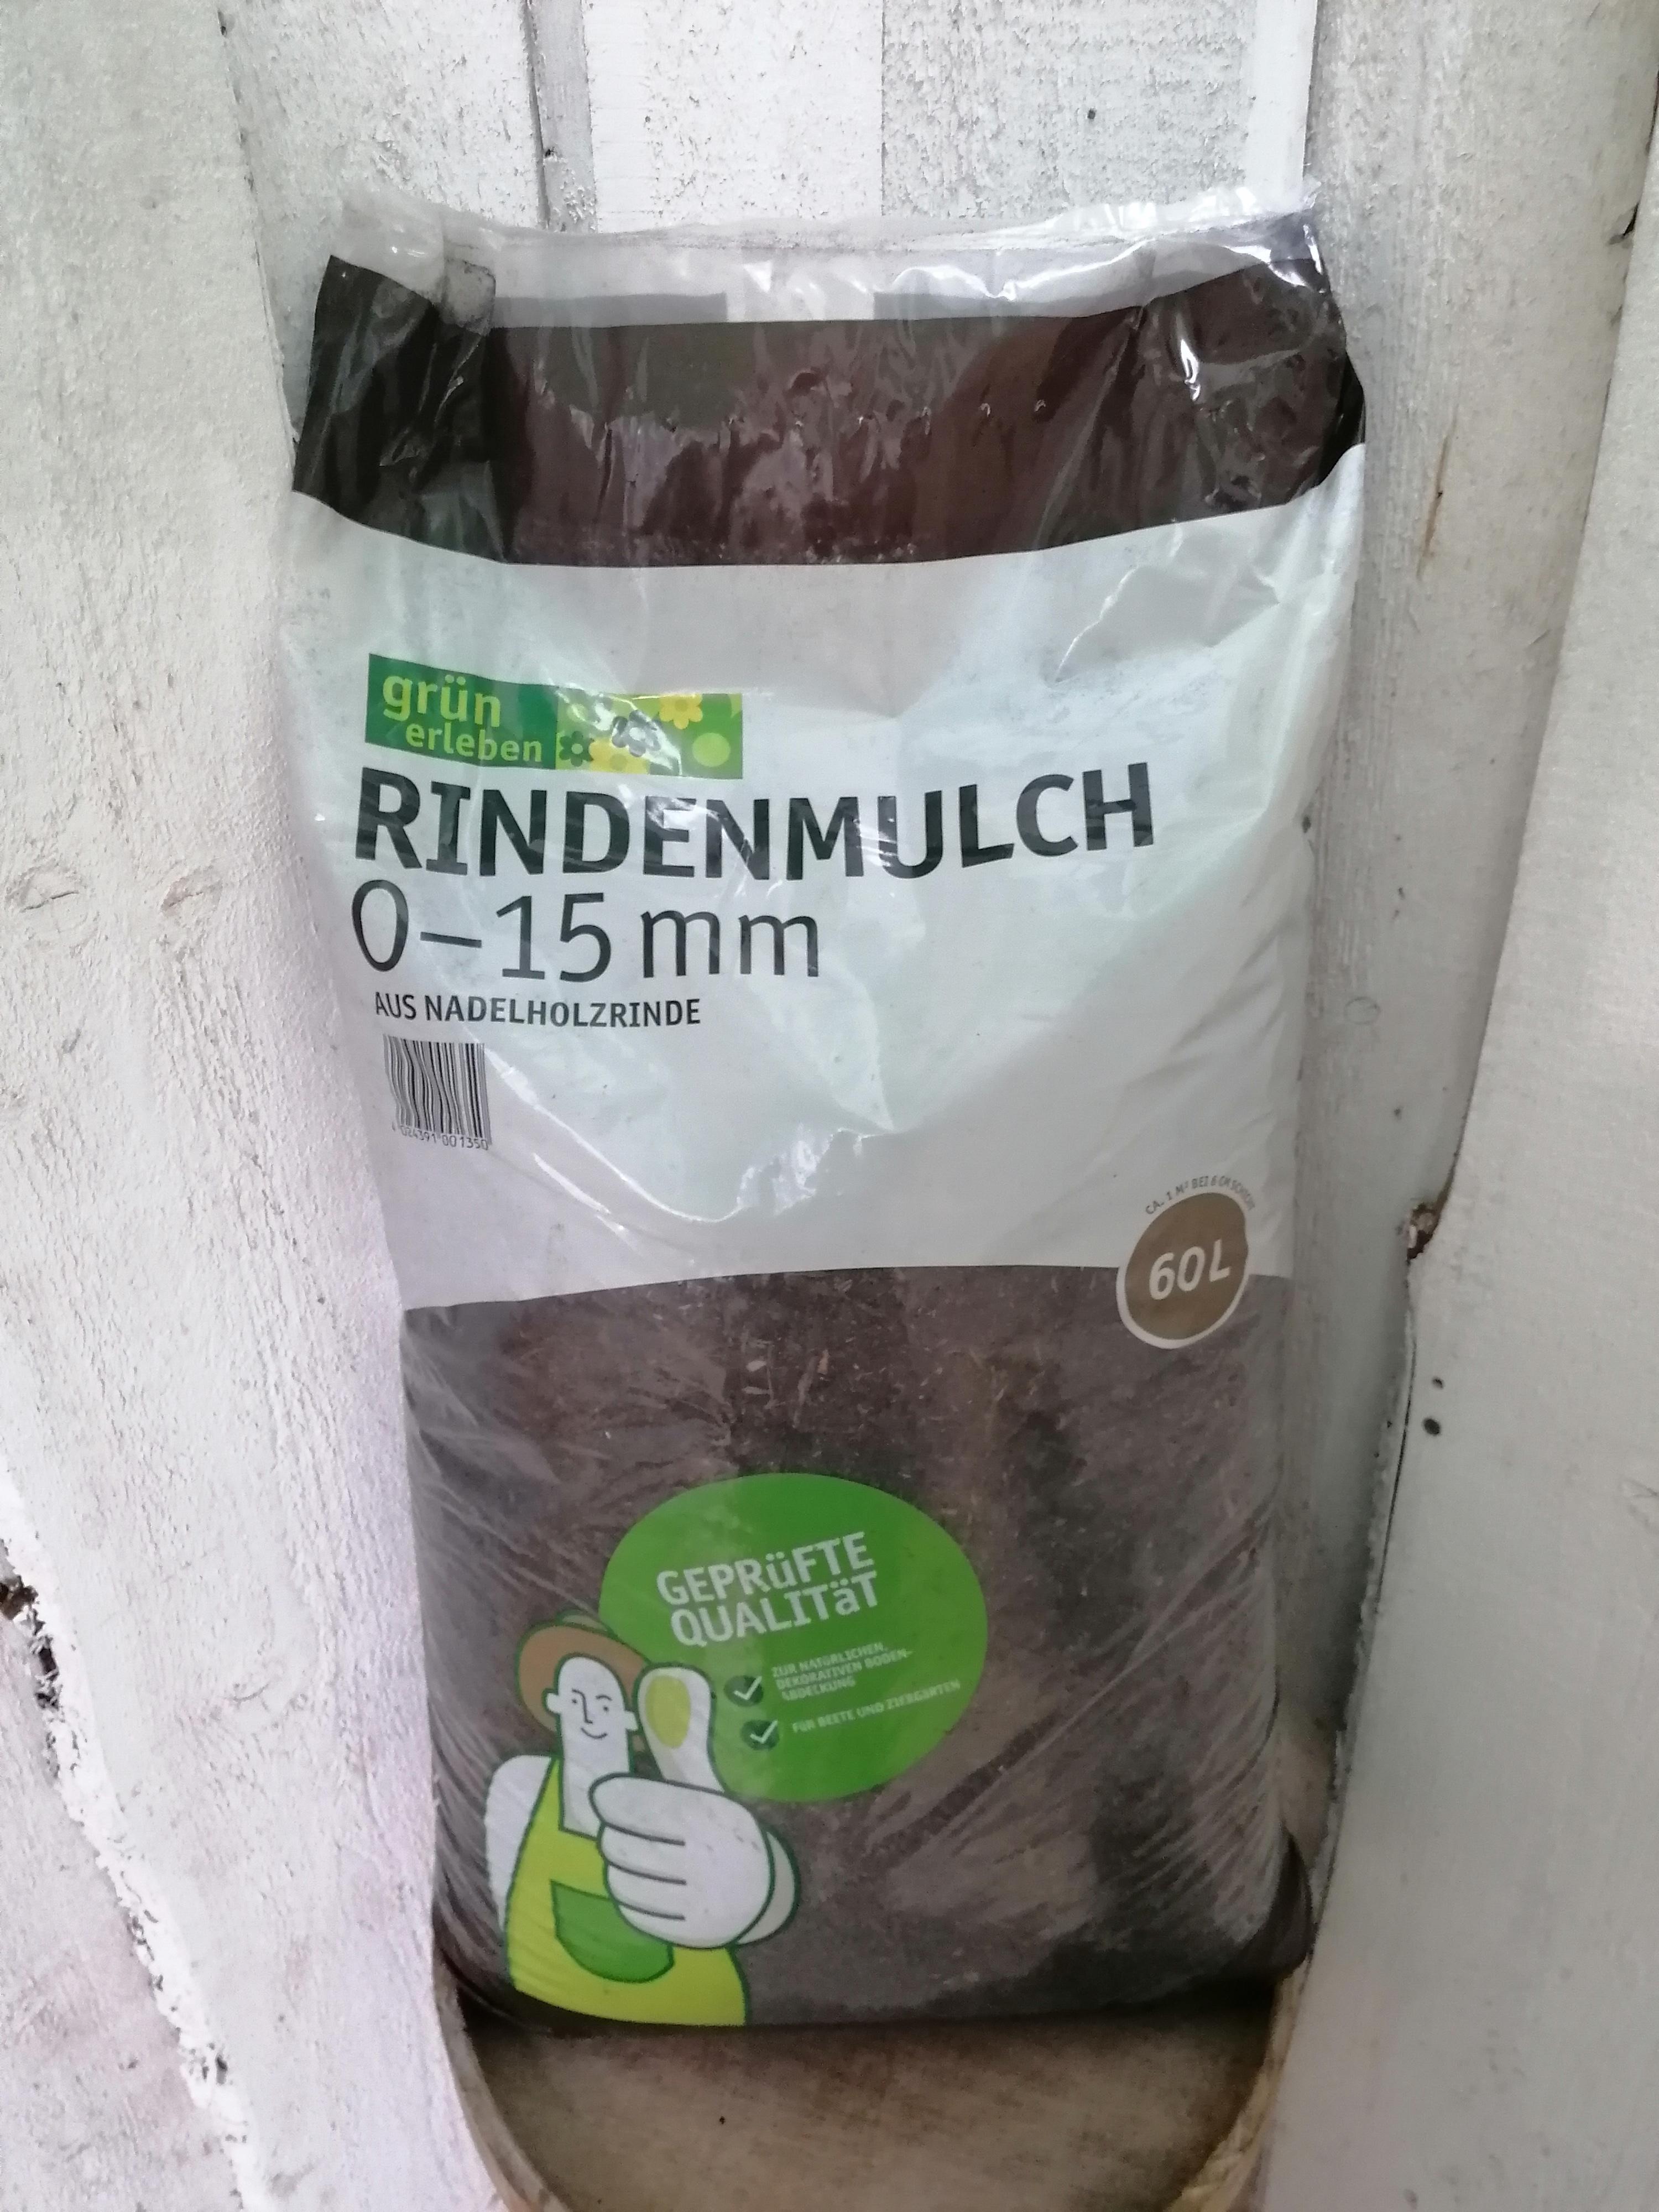 Rindenmulch 0-15mm